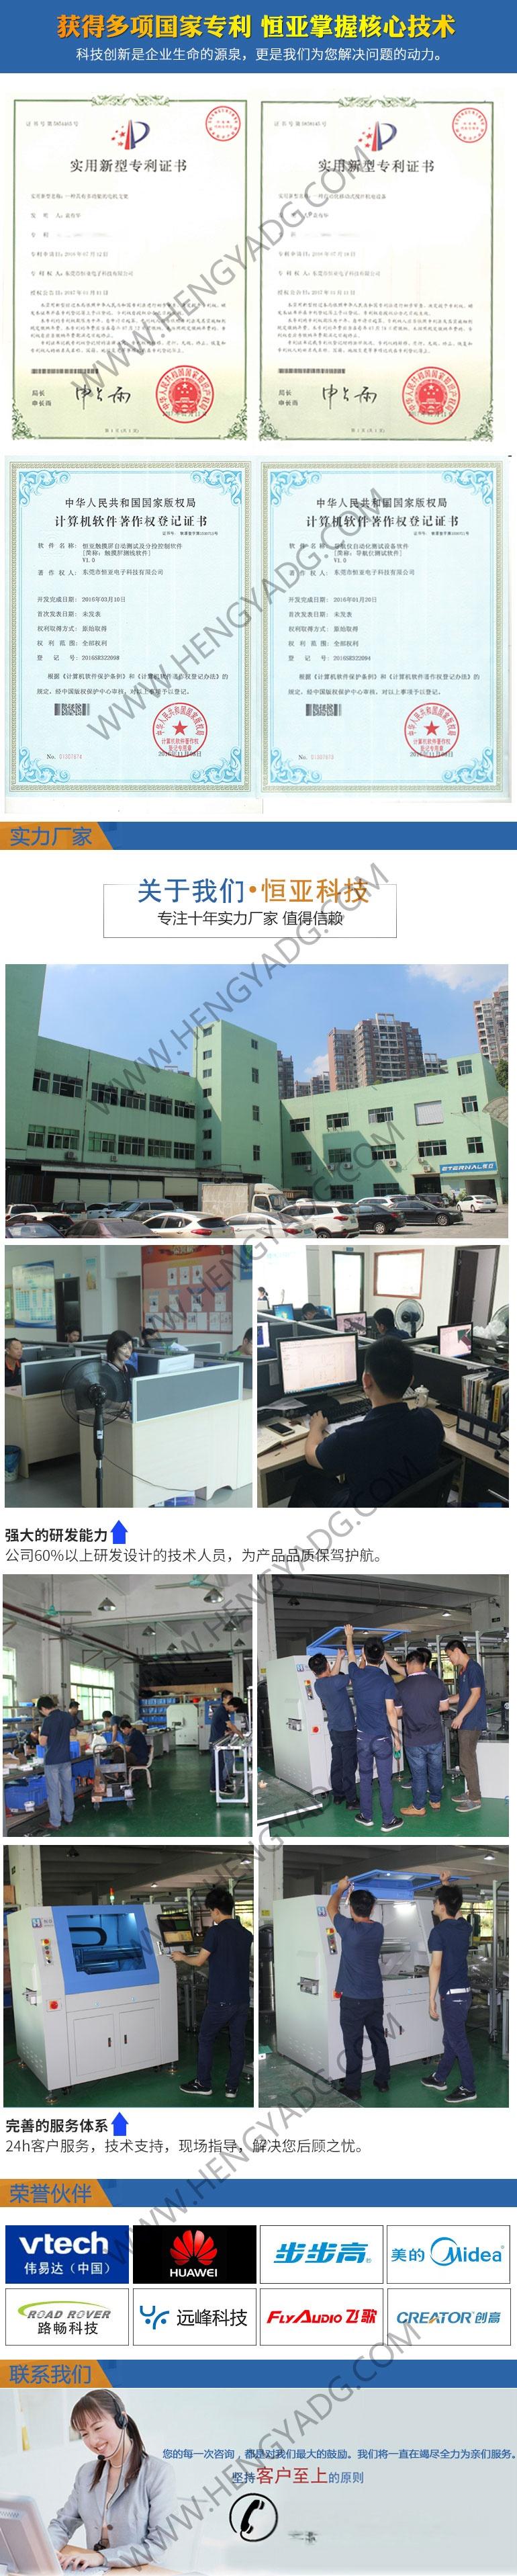 东莞HY-350T曲线分板机厂家 恒亚科技智能装备77557455